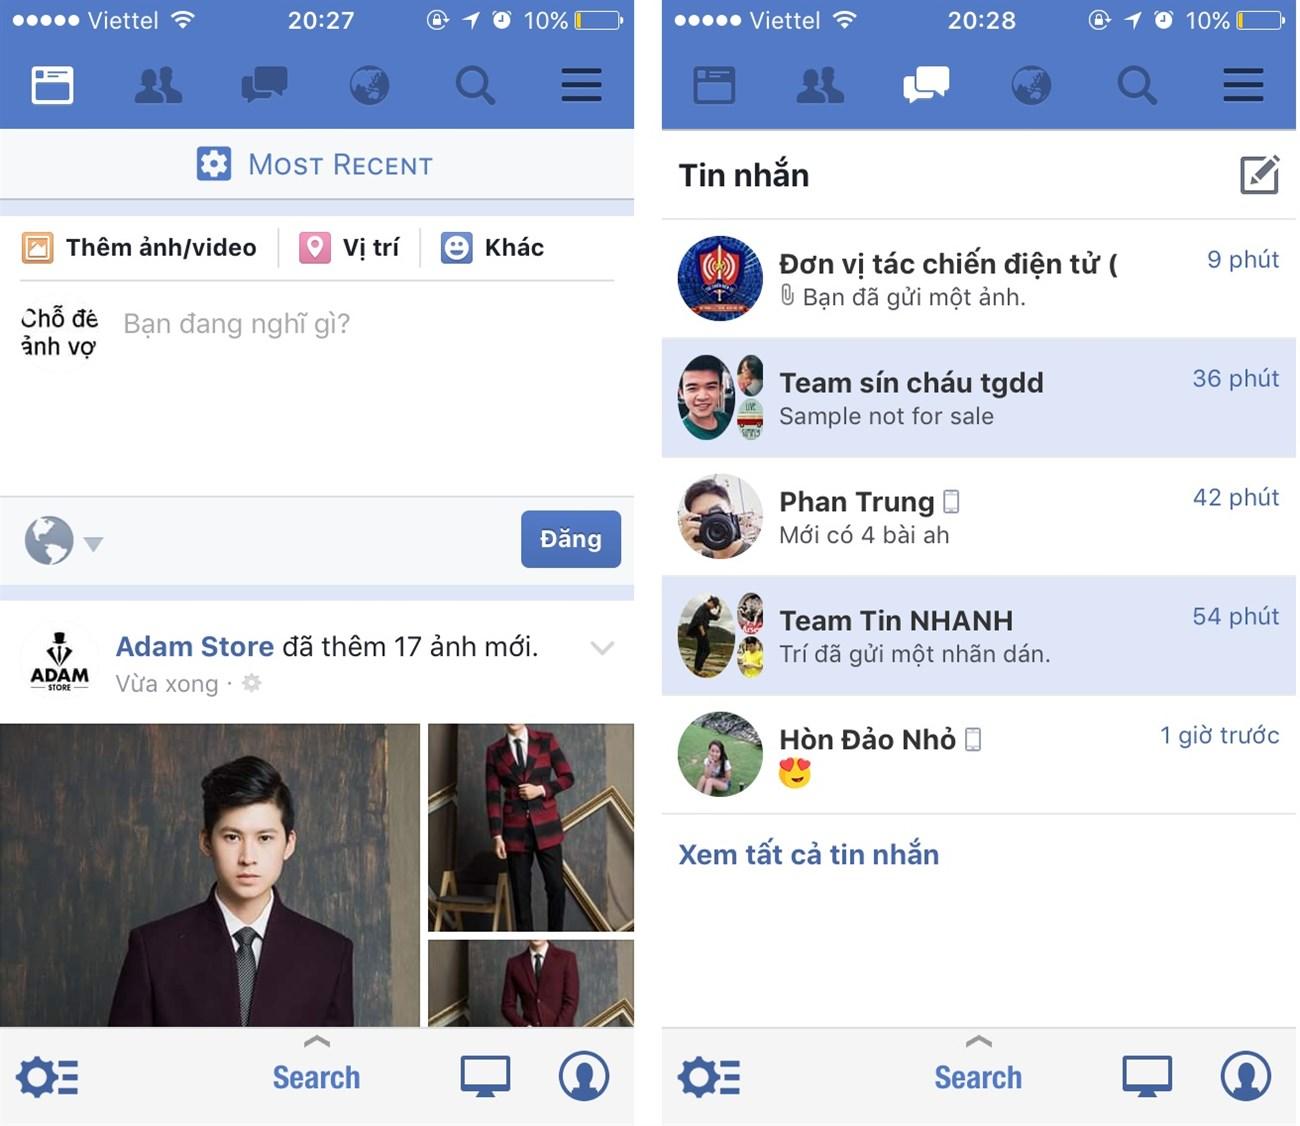 Hướng dẫn gộp Facebook và Messenger lại thành một trên iPhone 4